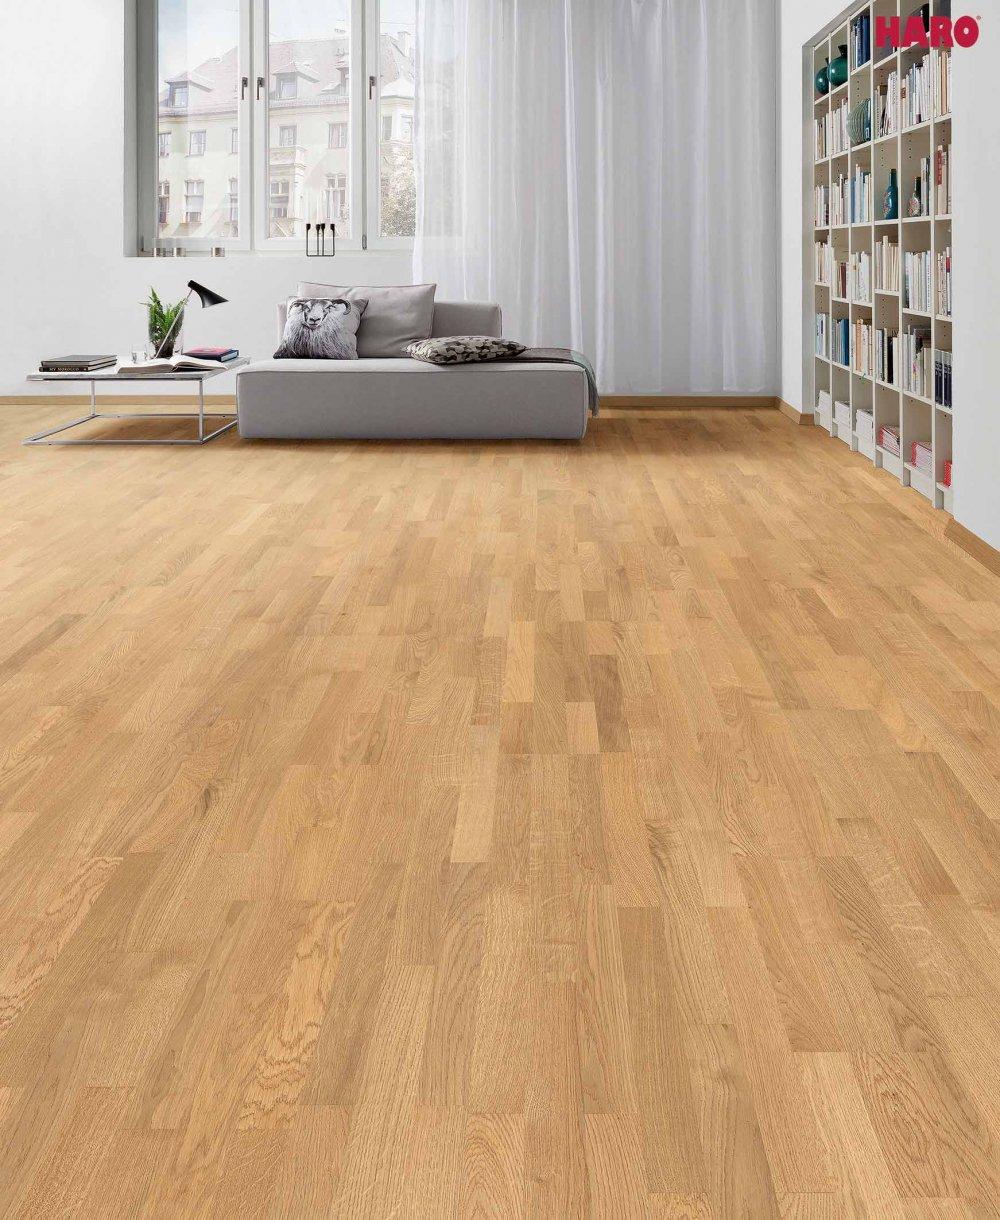 535416 haro parkett 3 stab schiffsboden 4000 eiche trend strukturiert naturadur lackiert. Black Bedroom Furniture Sets. Home Design Ideas